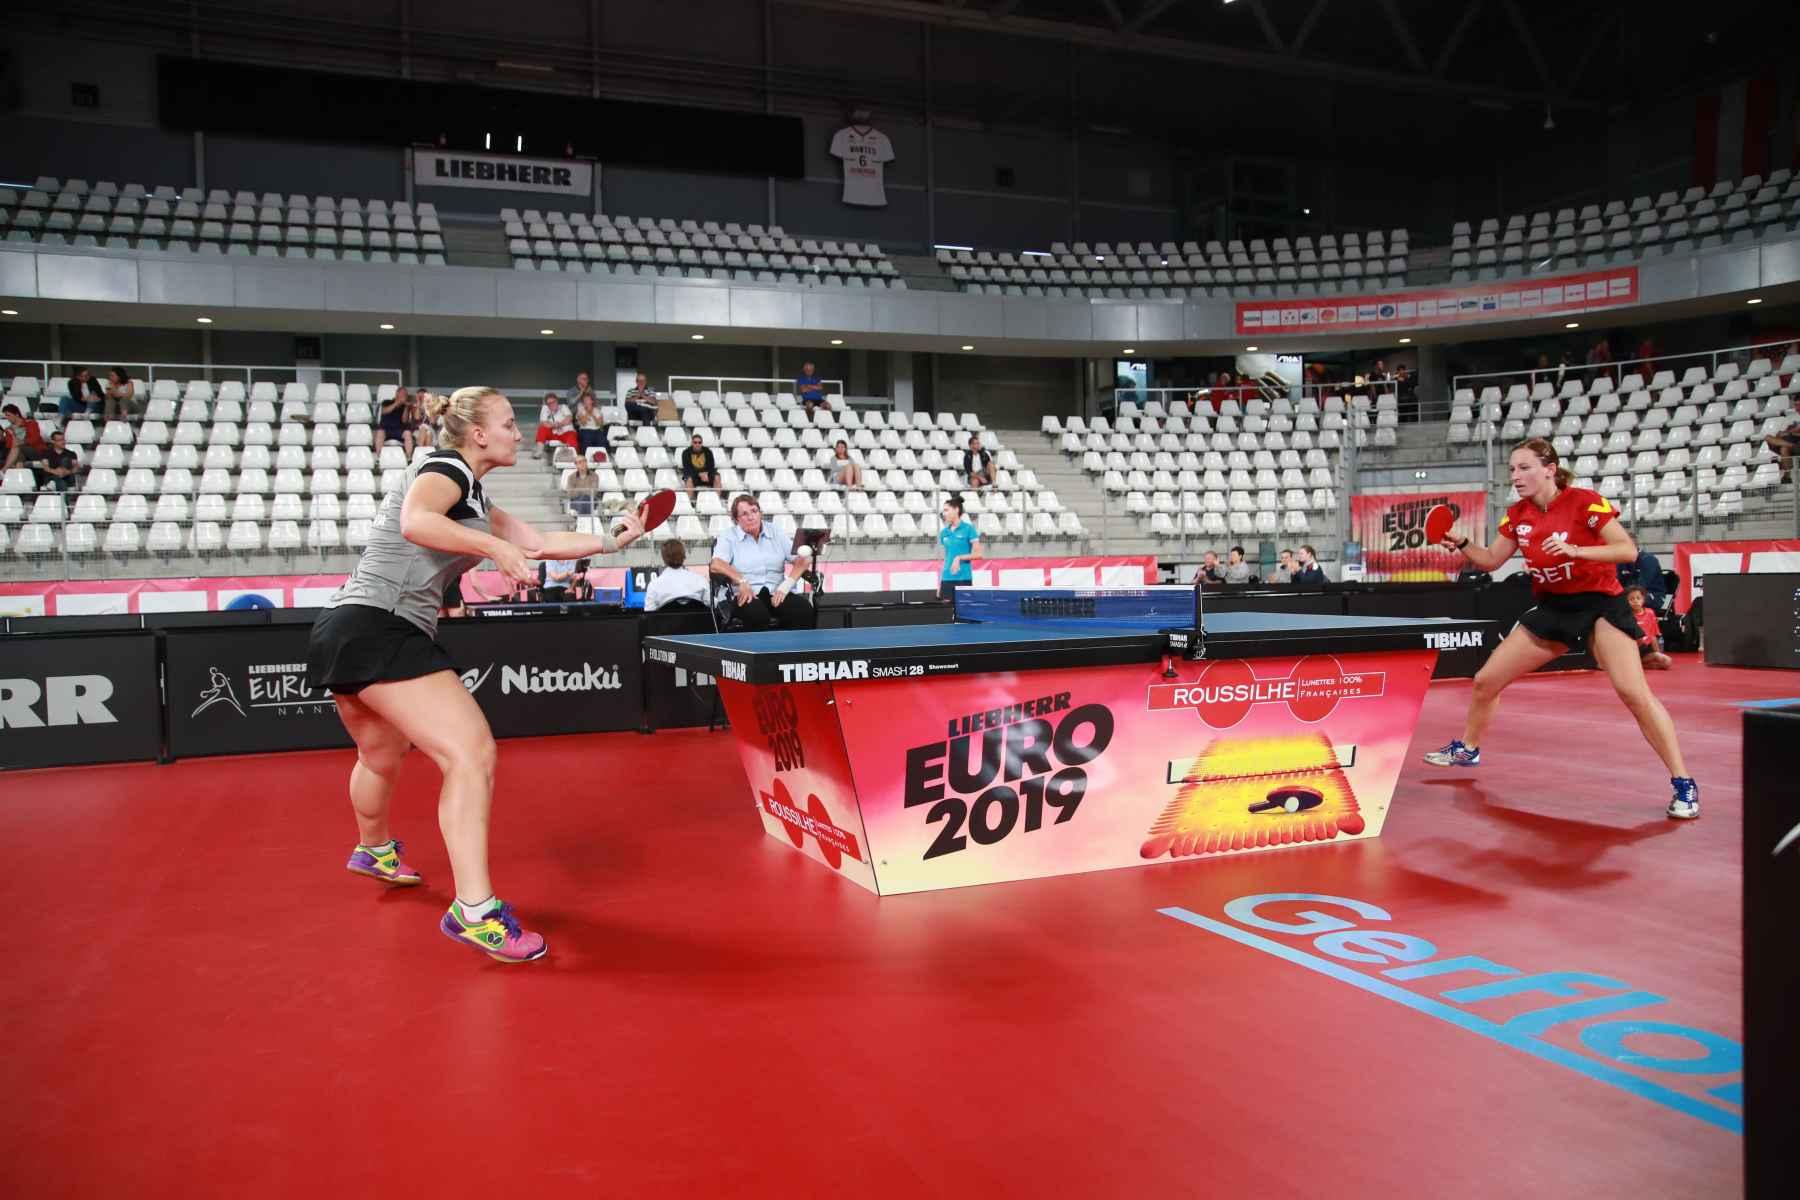 Galia Dvorak disputando el Campeonato de Europa por Equipos 2019 en Nantes (Francia)